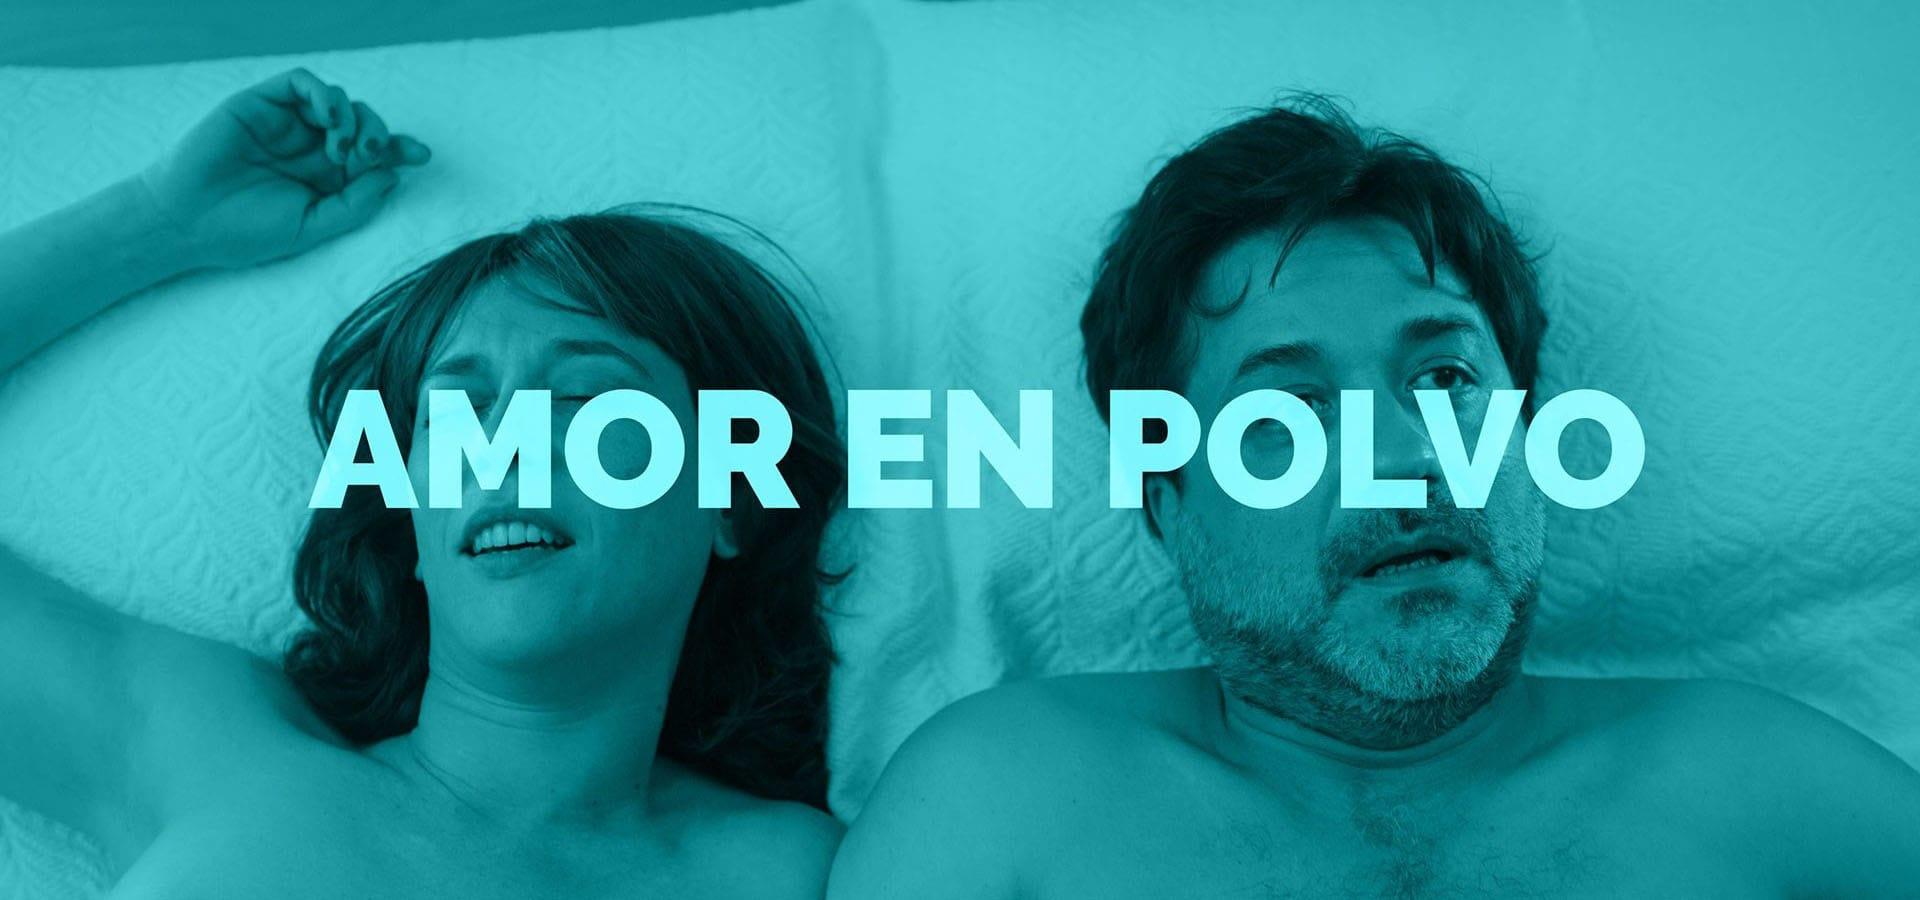 Lorena López y Enrique Arce en la cama